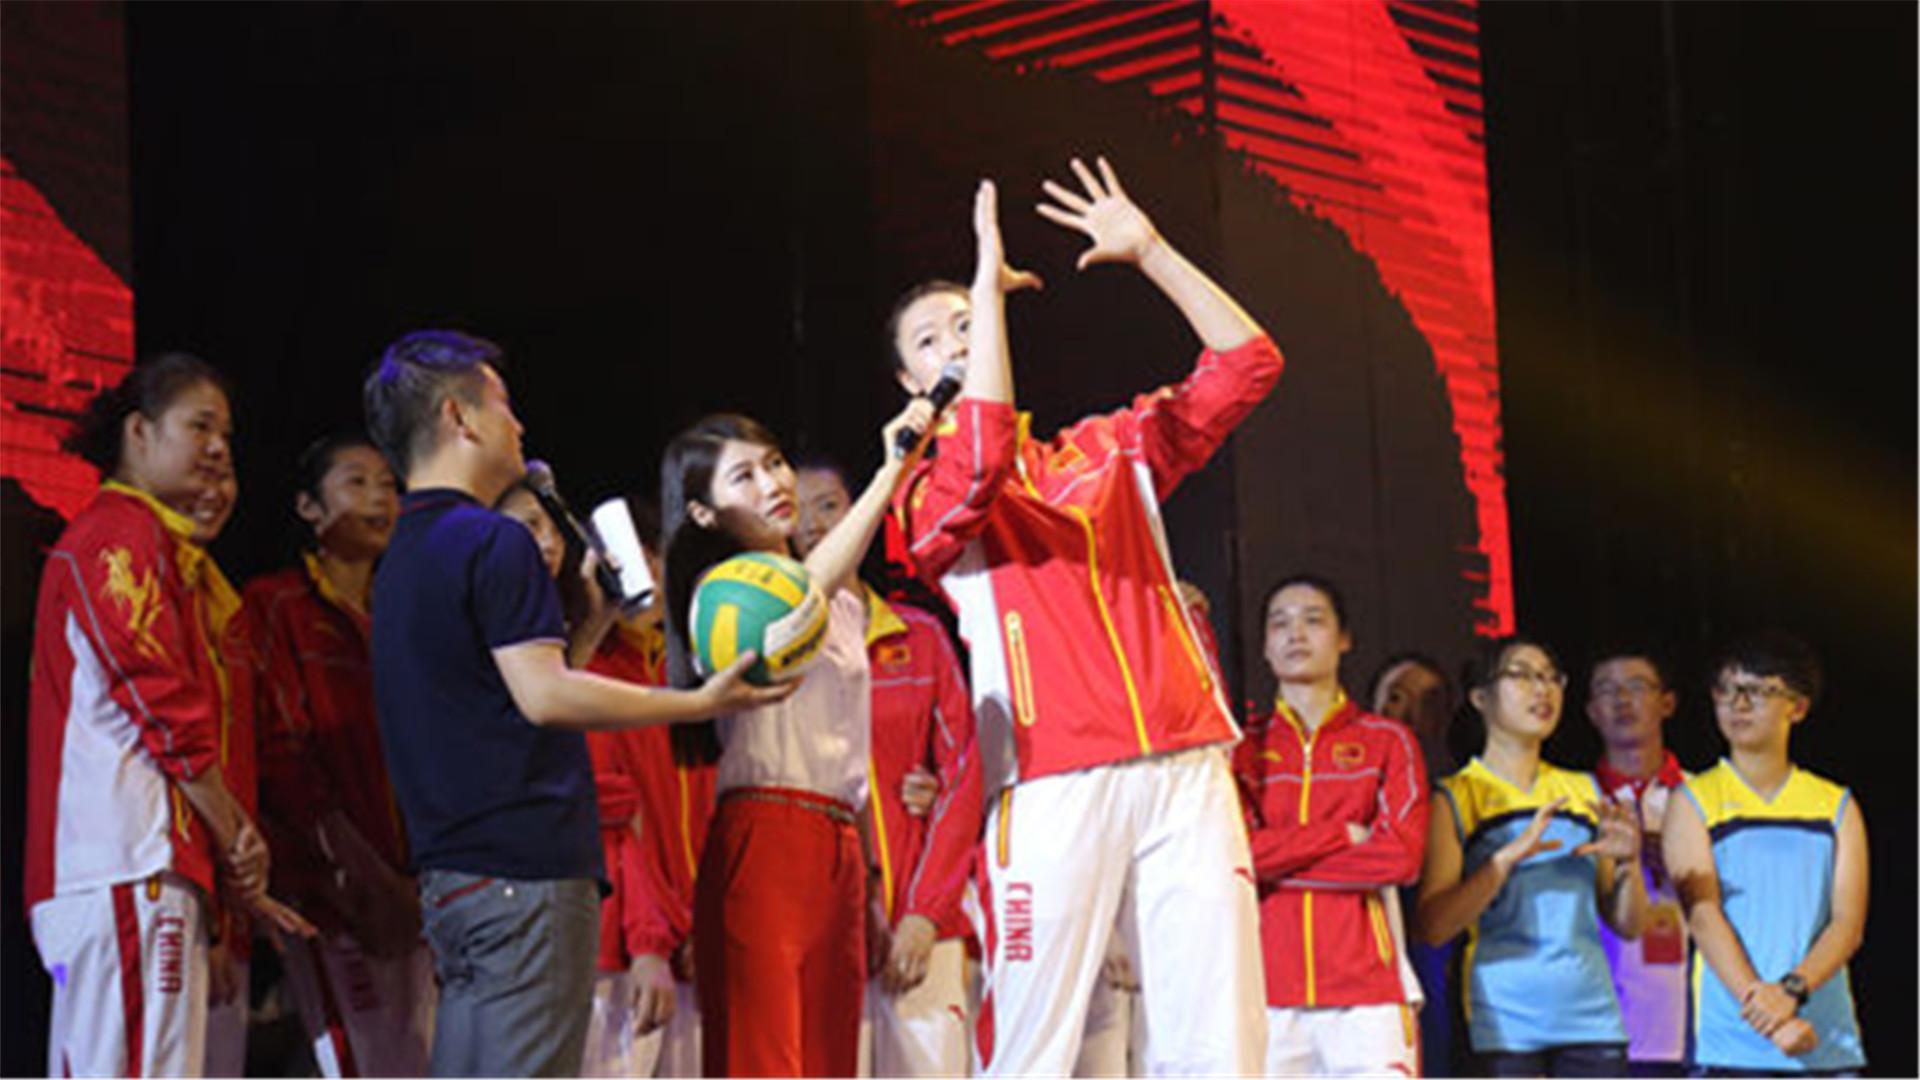 访北大清华自曝表情包学生提问风格迥异 北京时间